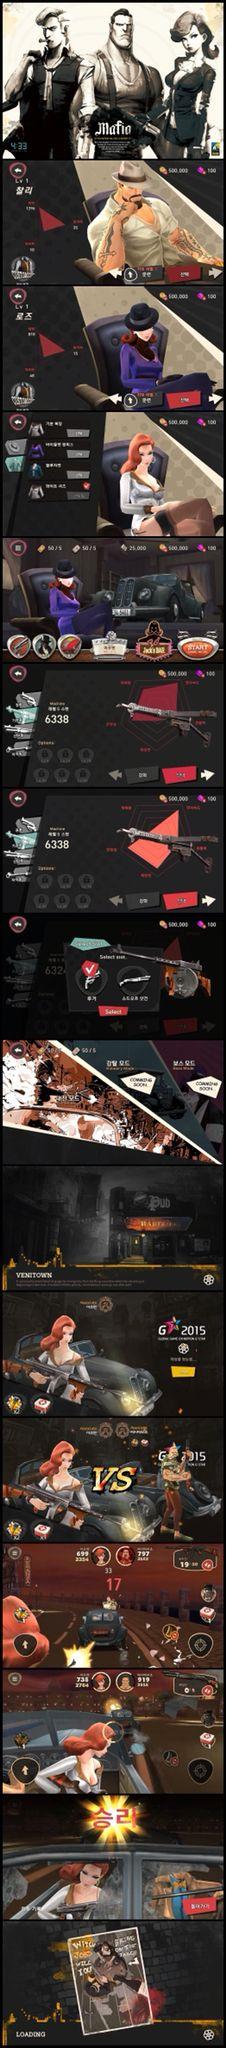 s-media-cache-ak0.pinimg.com originals 9f bb 8c 9fbb8c216799178e48d259e3046d88d1.jpg